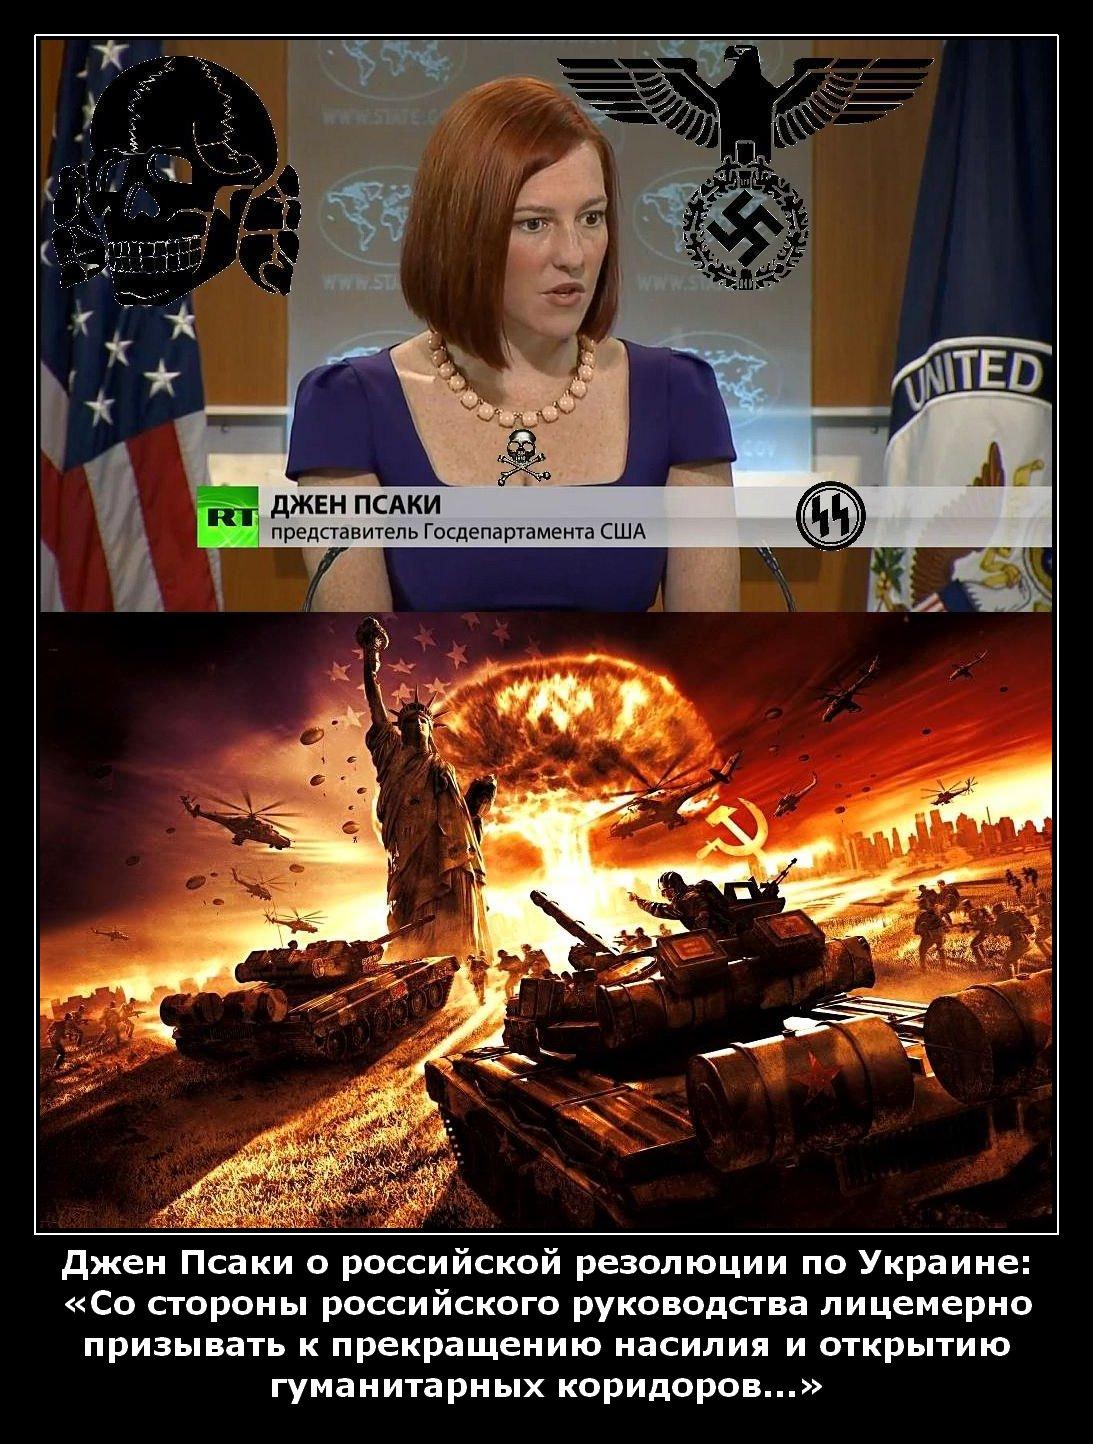 Псаки_фашистская_америка